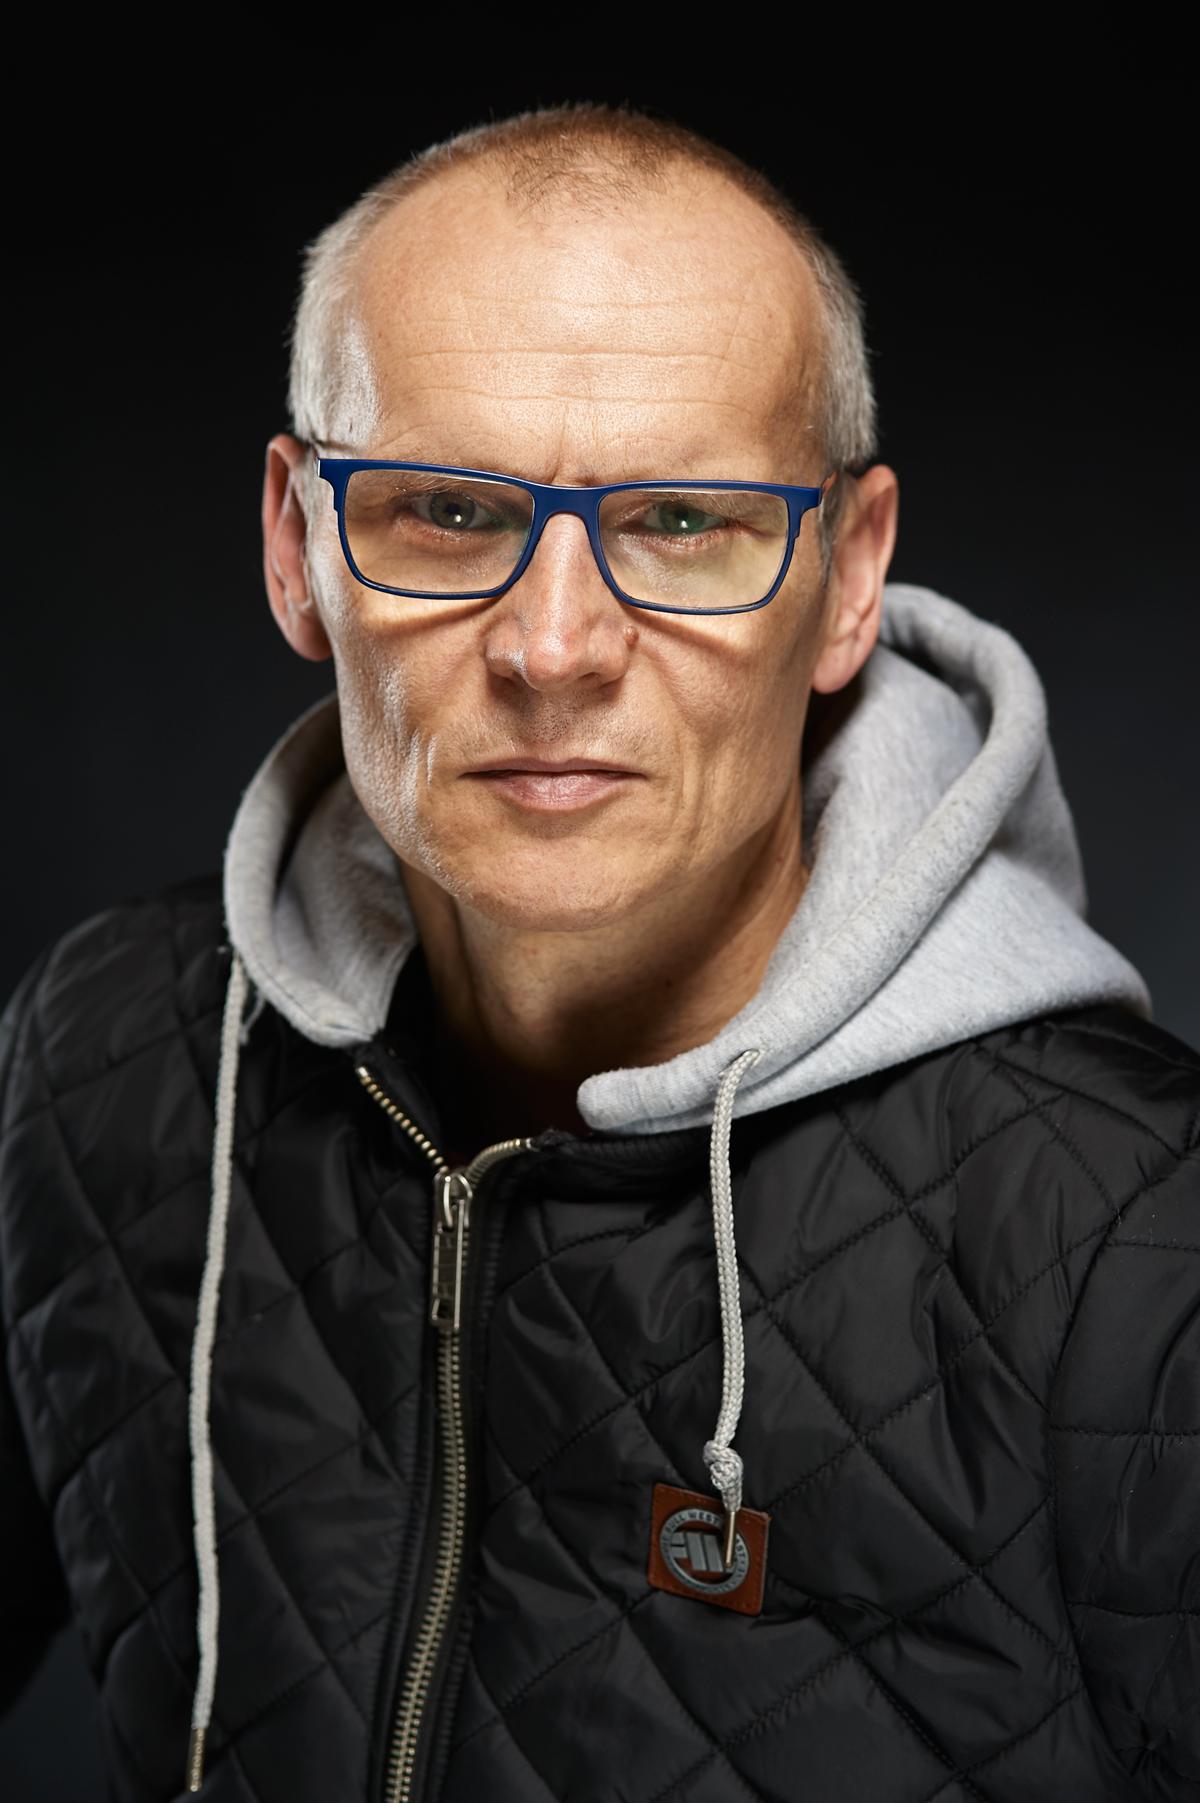 Tomasz Ważyński